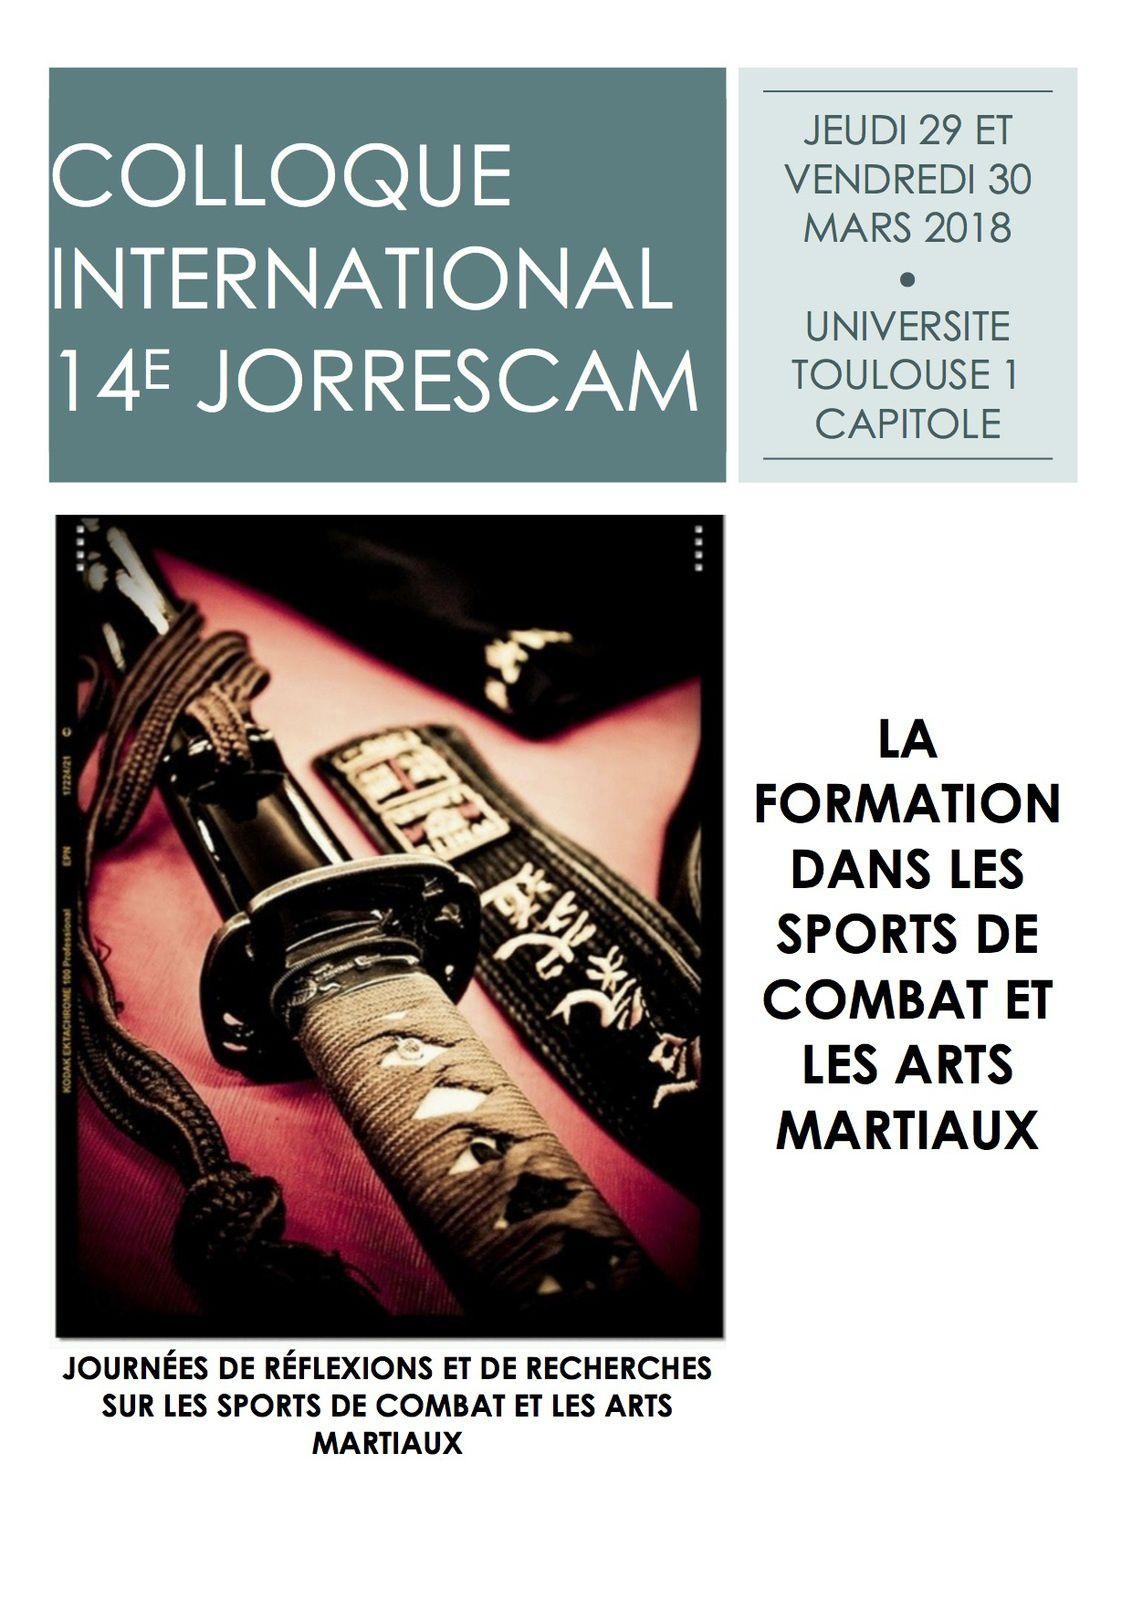 Comme dans les précédentes éditions des JORRESCAM, organisées depuis 1991, les communications concerneront les différents champs scientifiques, en ciblant cette année le thème de la formation au sens large: enseignement, entraînement, pédagogie, didactique, formation des athlètes, des cadres, recherche.